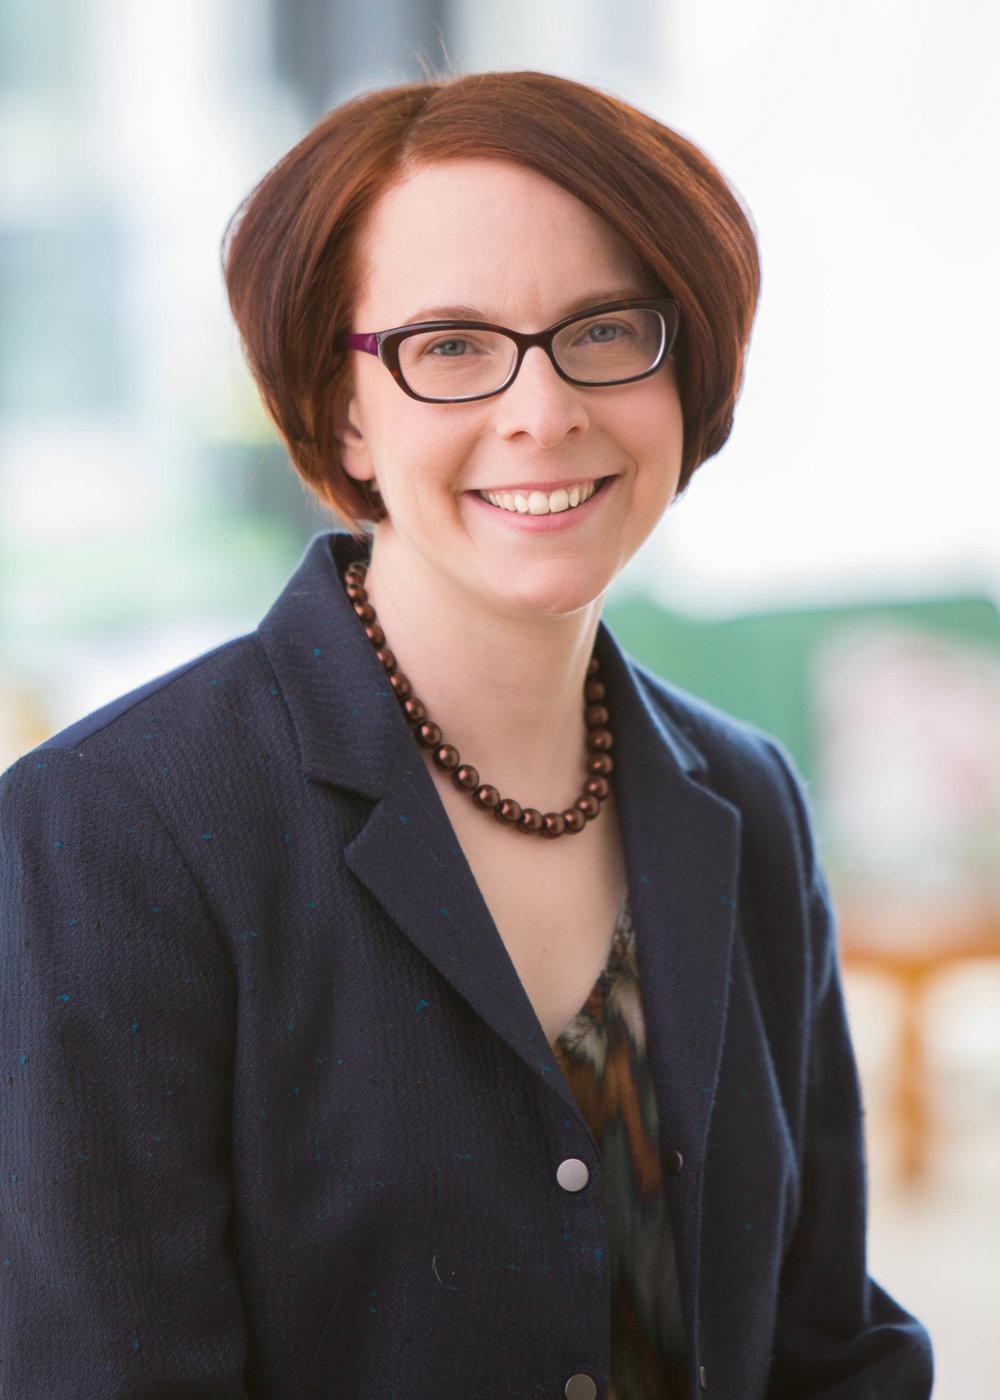 Dr. Devorah Heitner